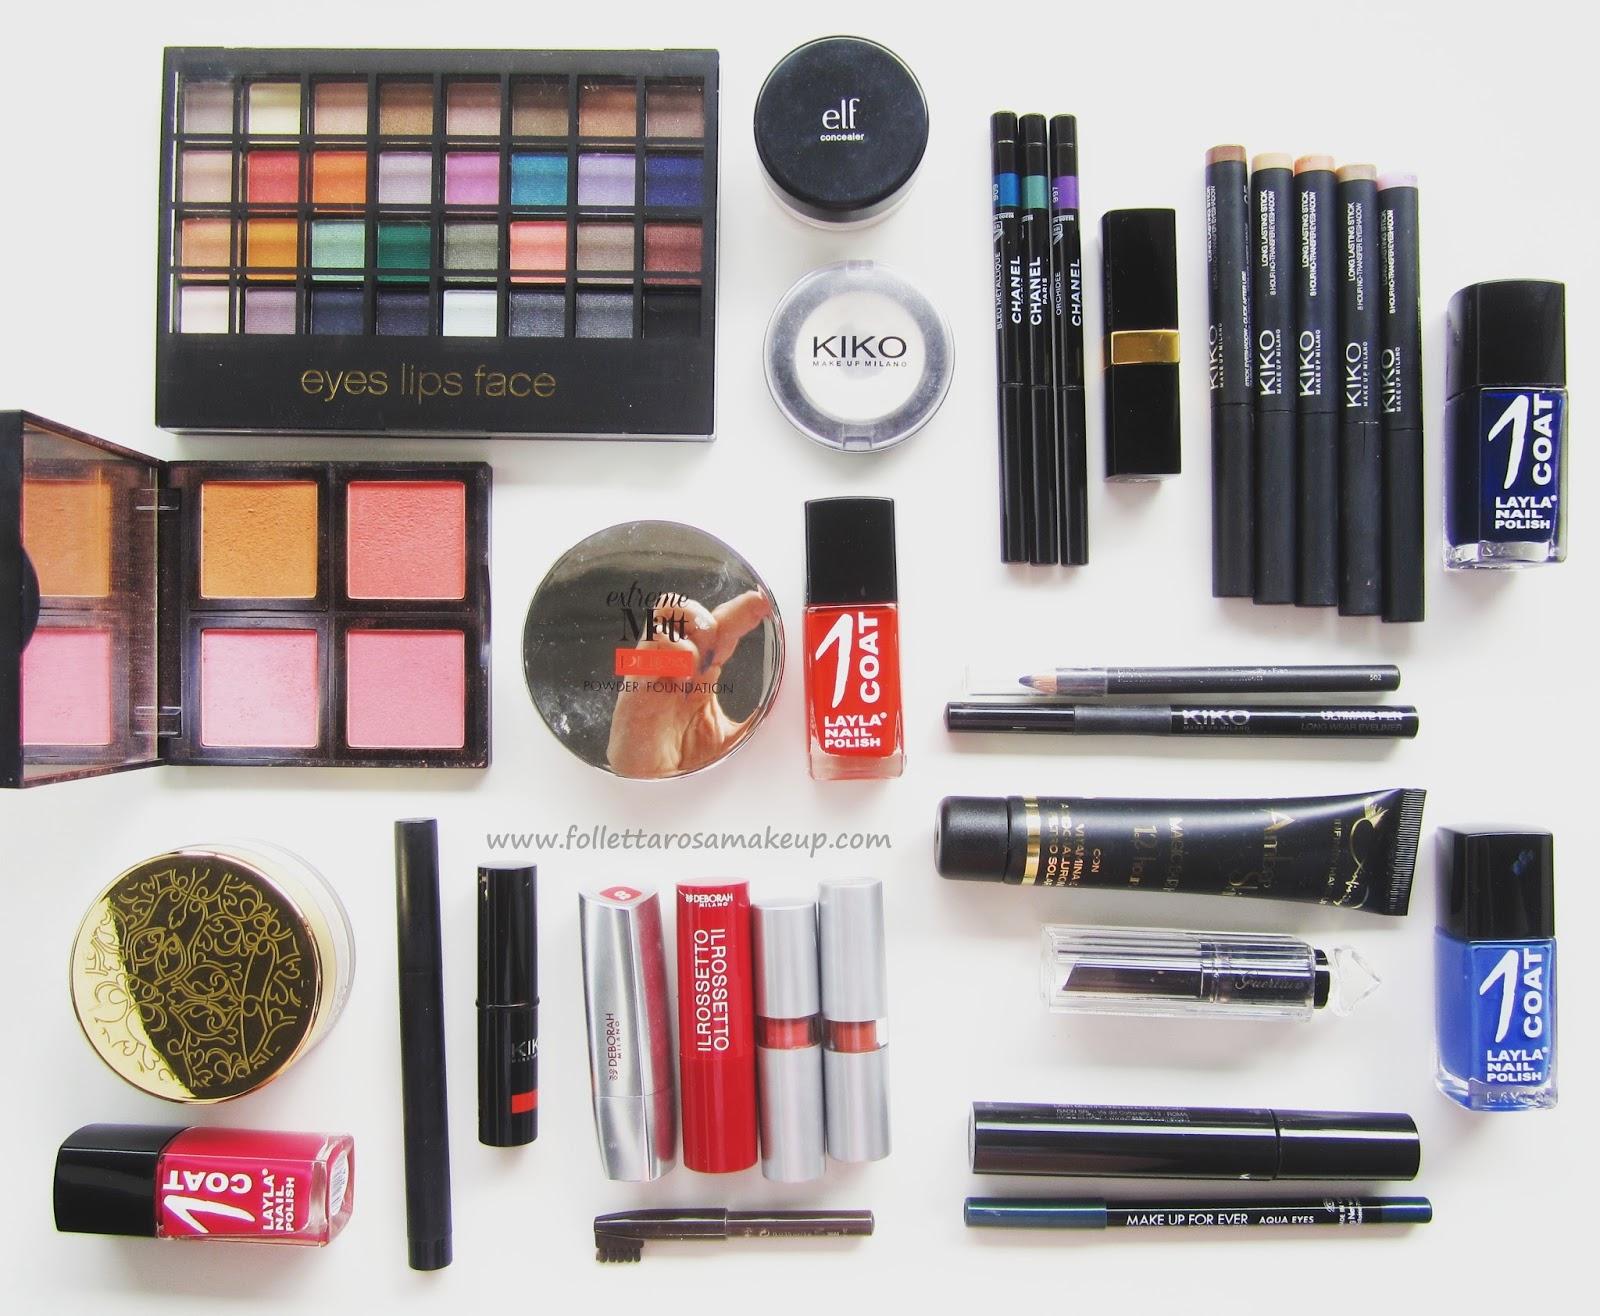 prodotti-makeup-viaggio